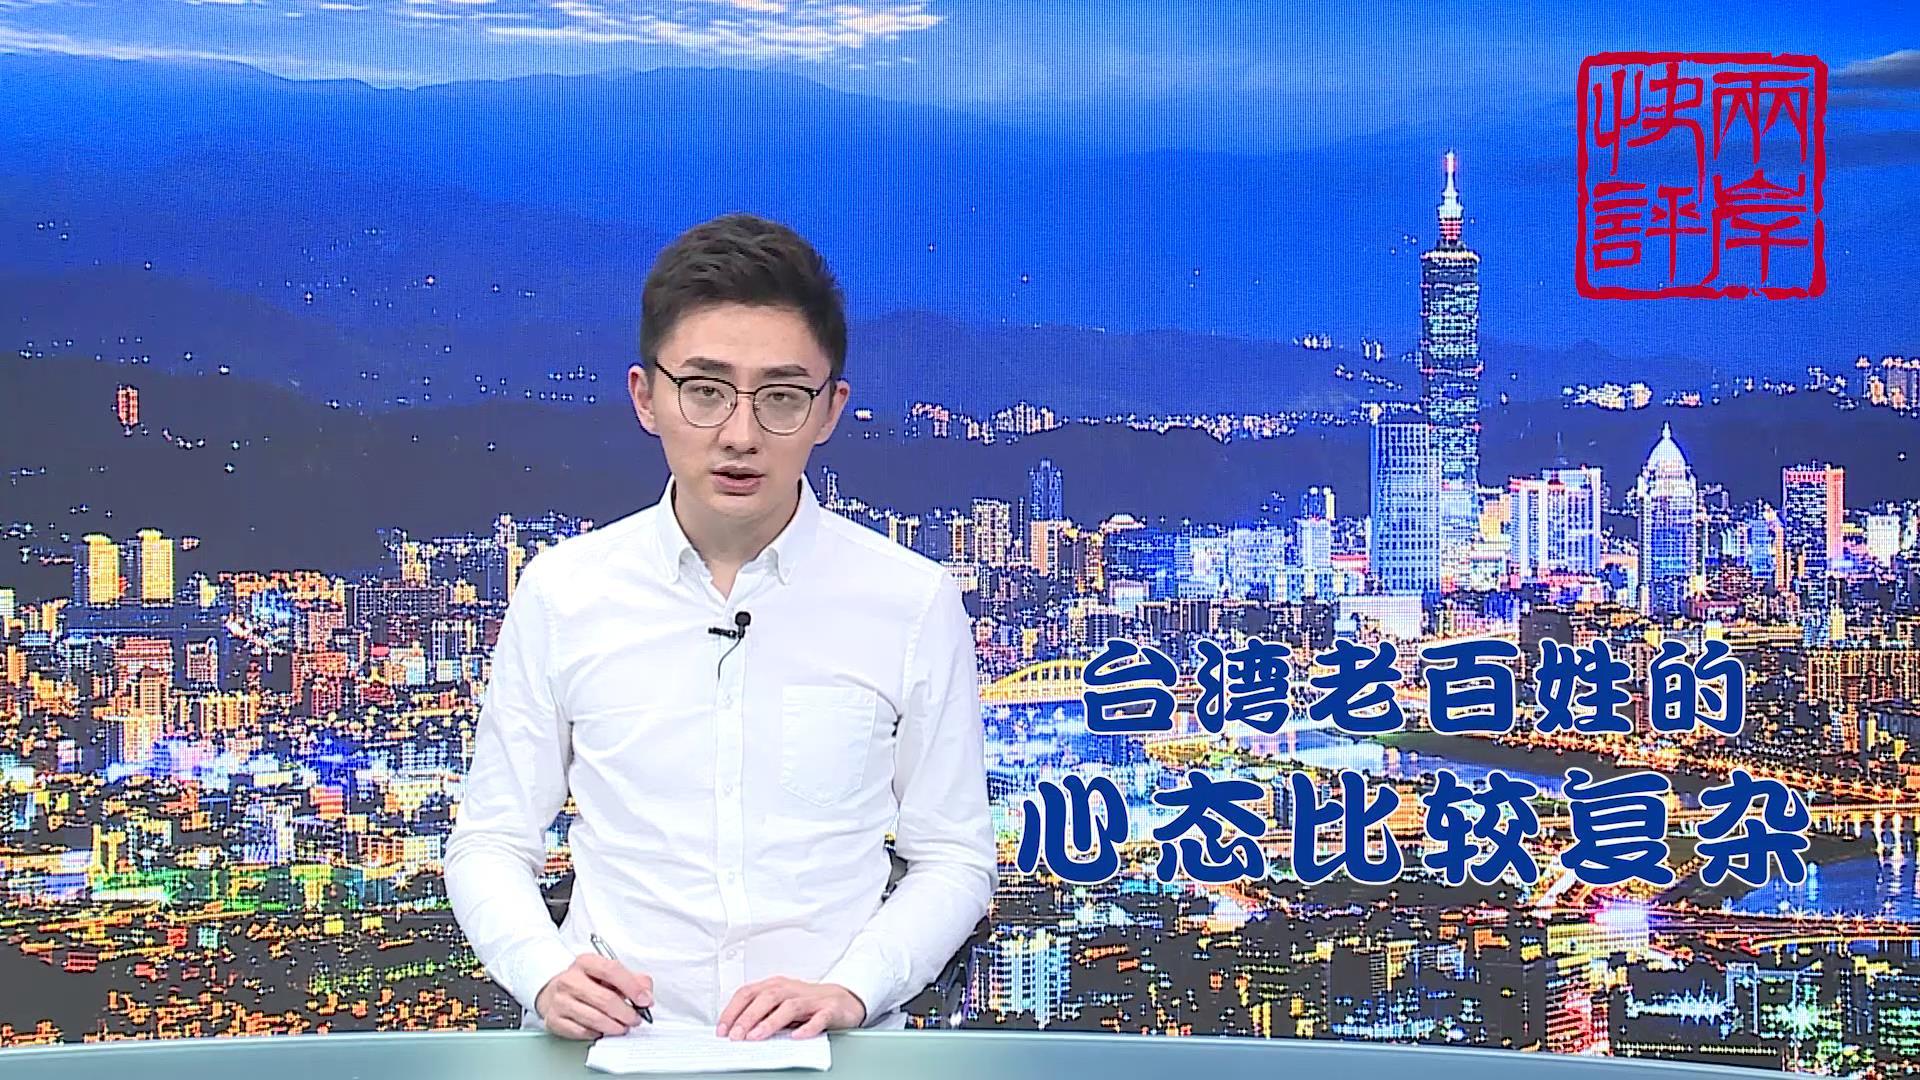 台湾老百姓的心态比较复杂图片